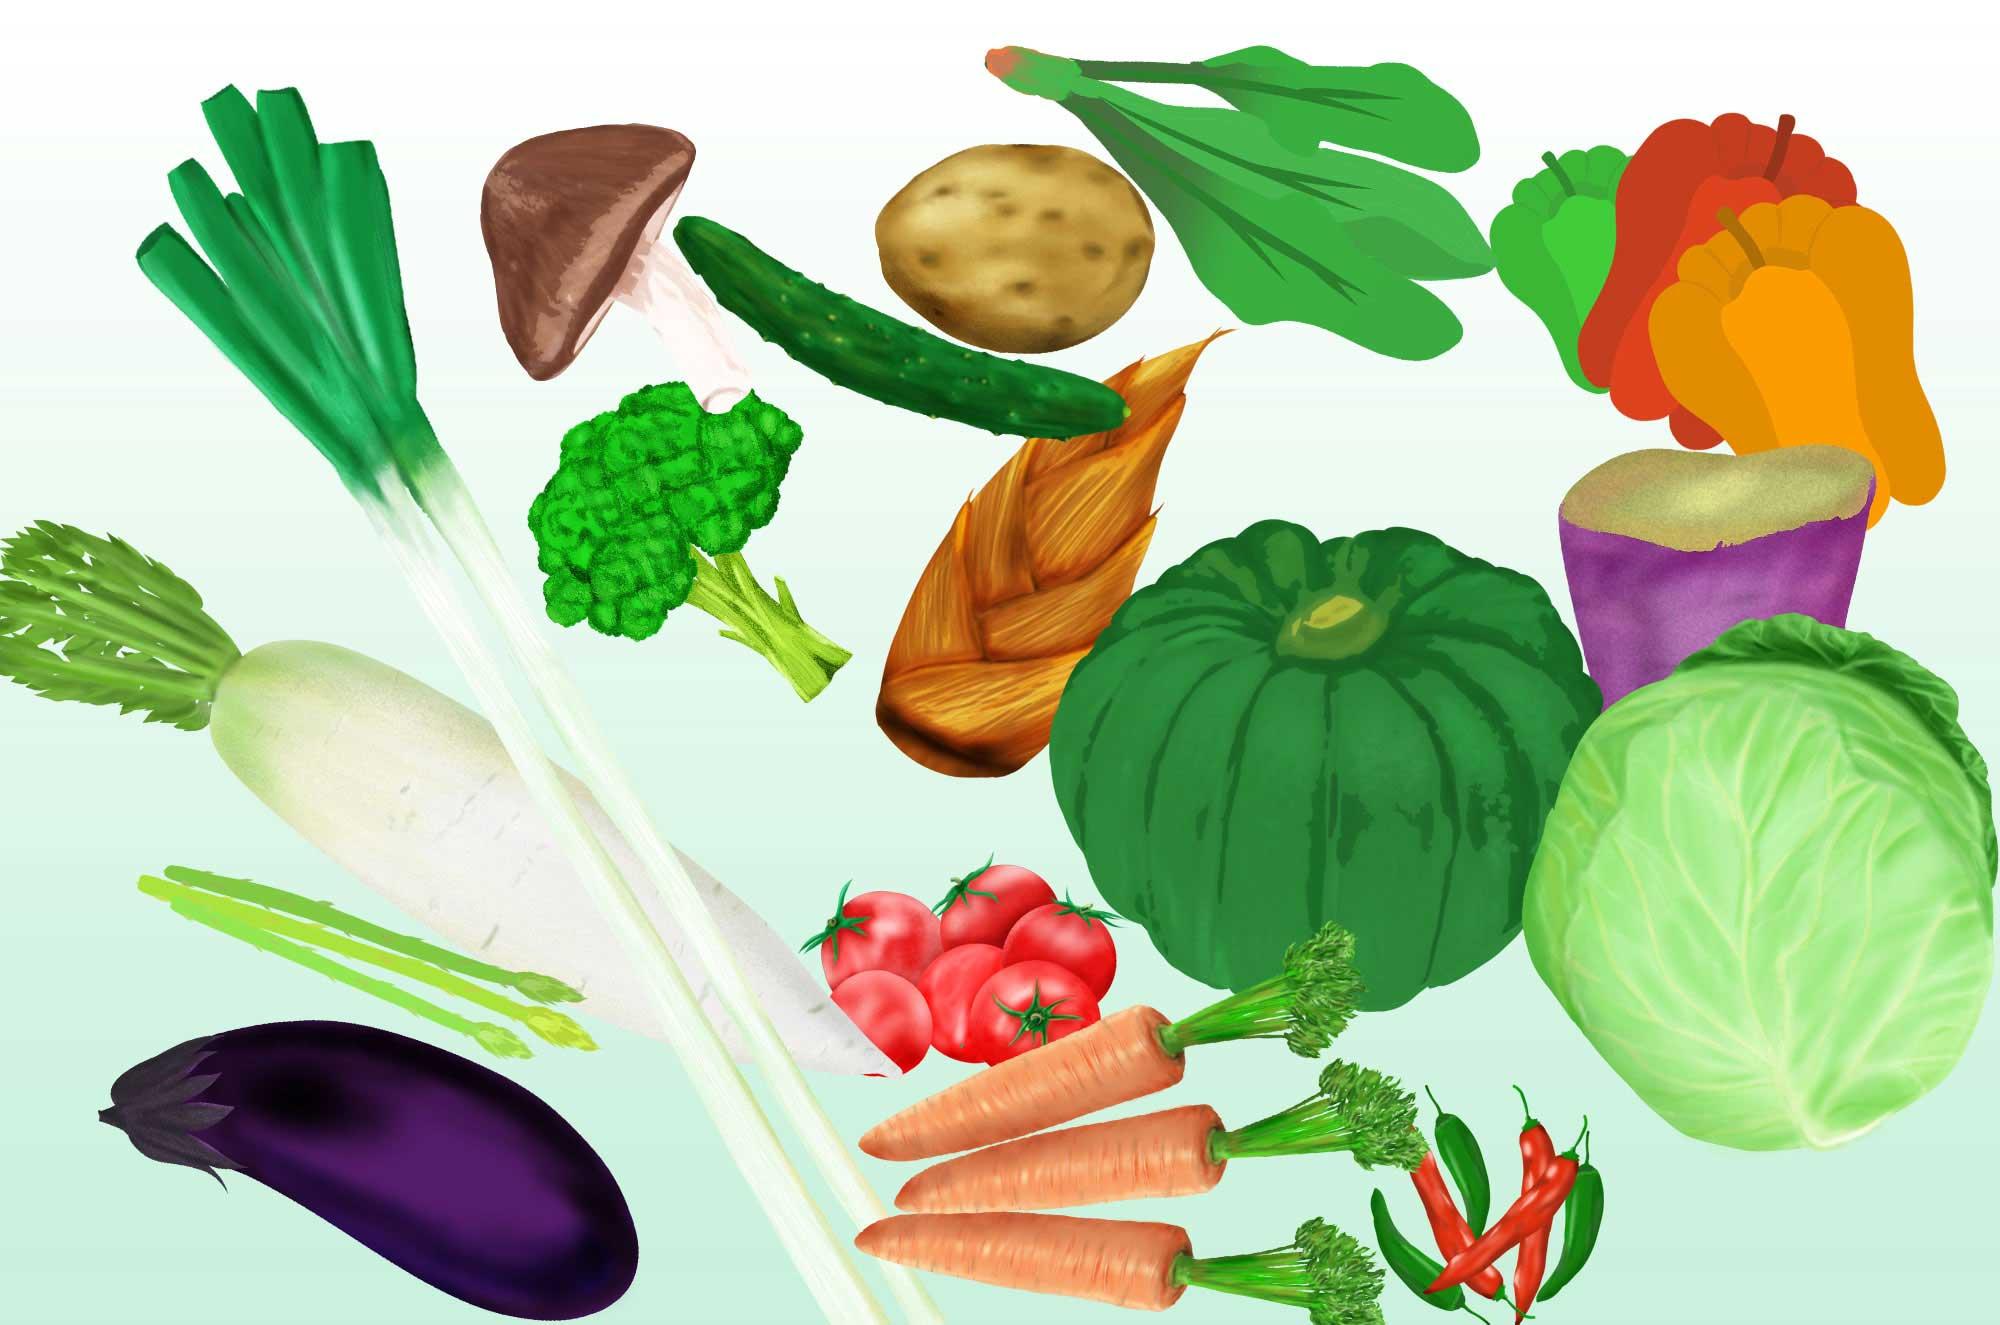 野菜イラスト - フリーの手描きの可愛い無料素材 - チコデザ